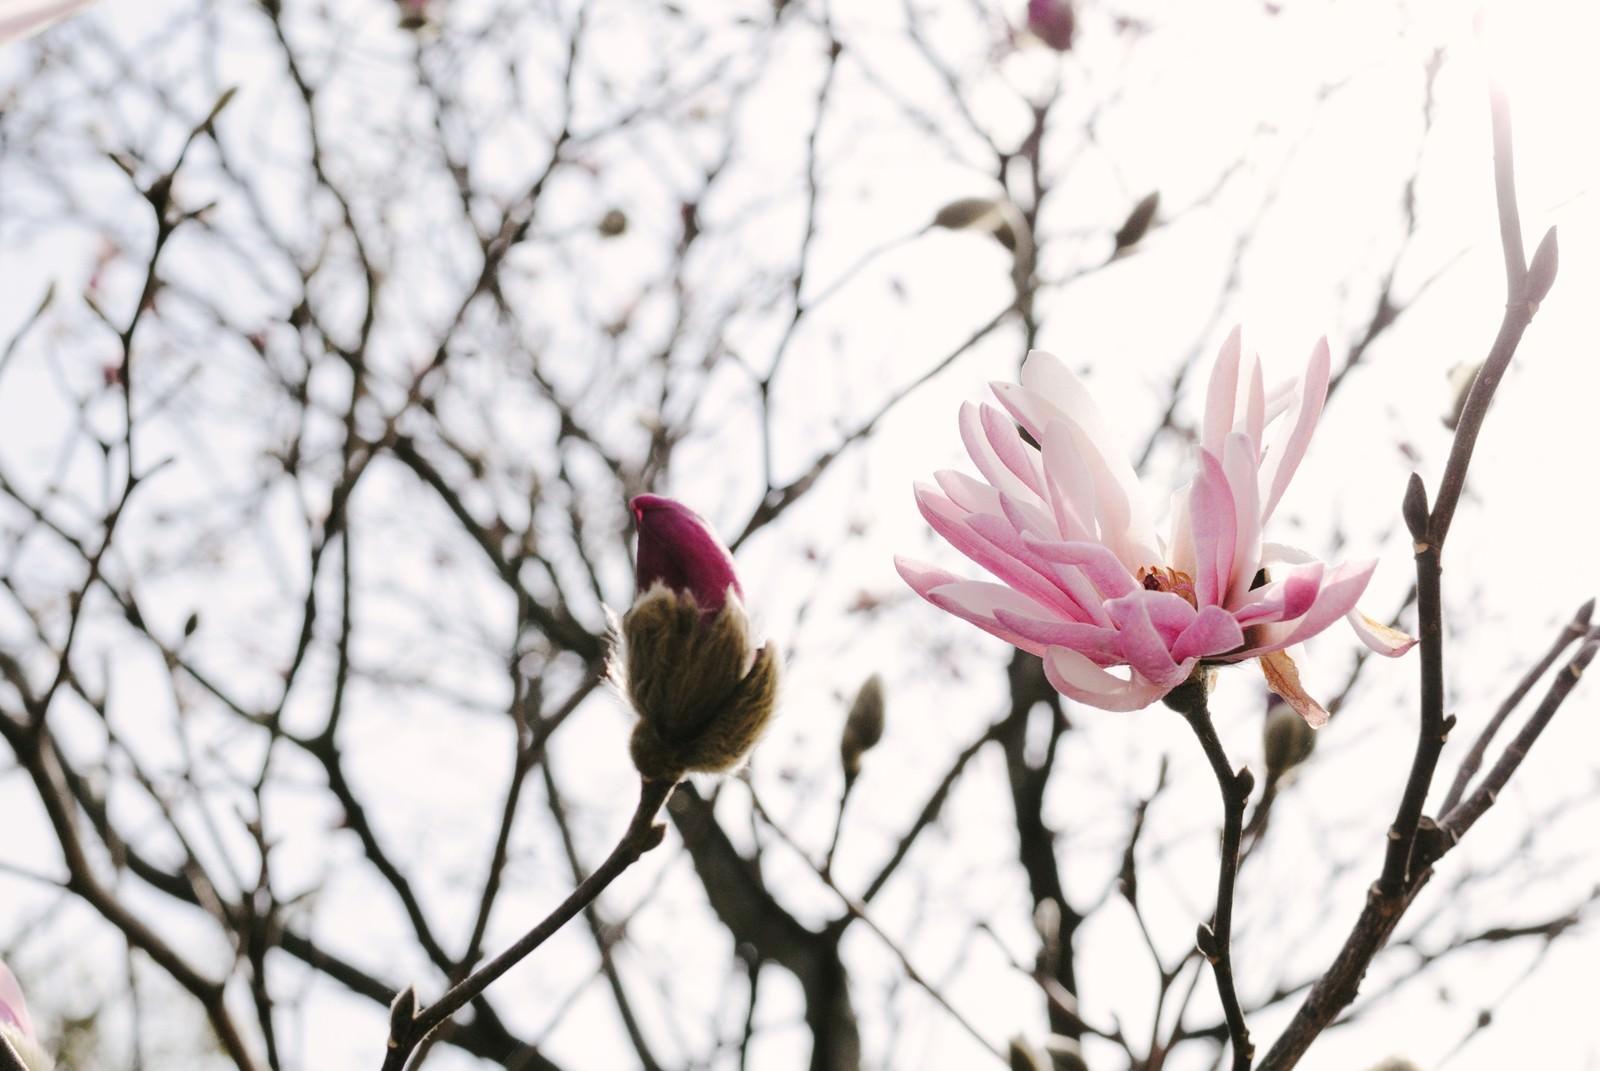 「春の光を浴びる崇高の花(マグノリア) | 写真の無料素材・フリー素材 - ぱくたそ」の写真